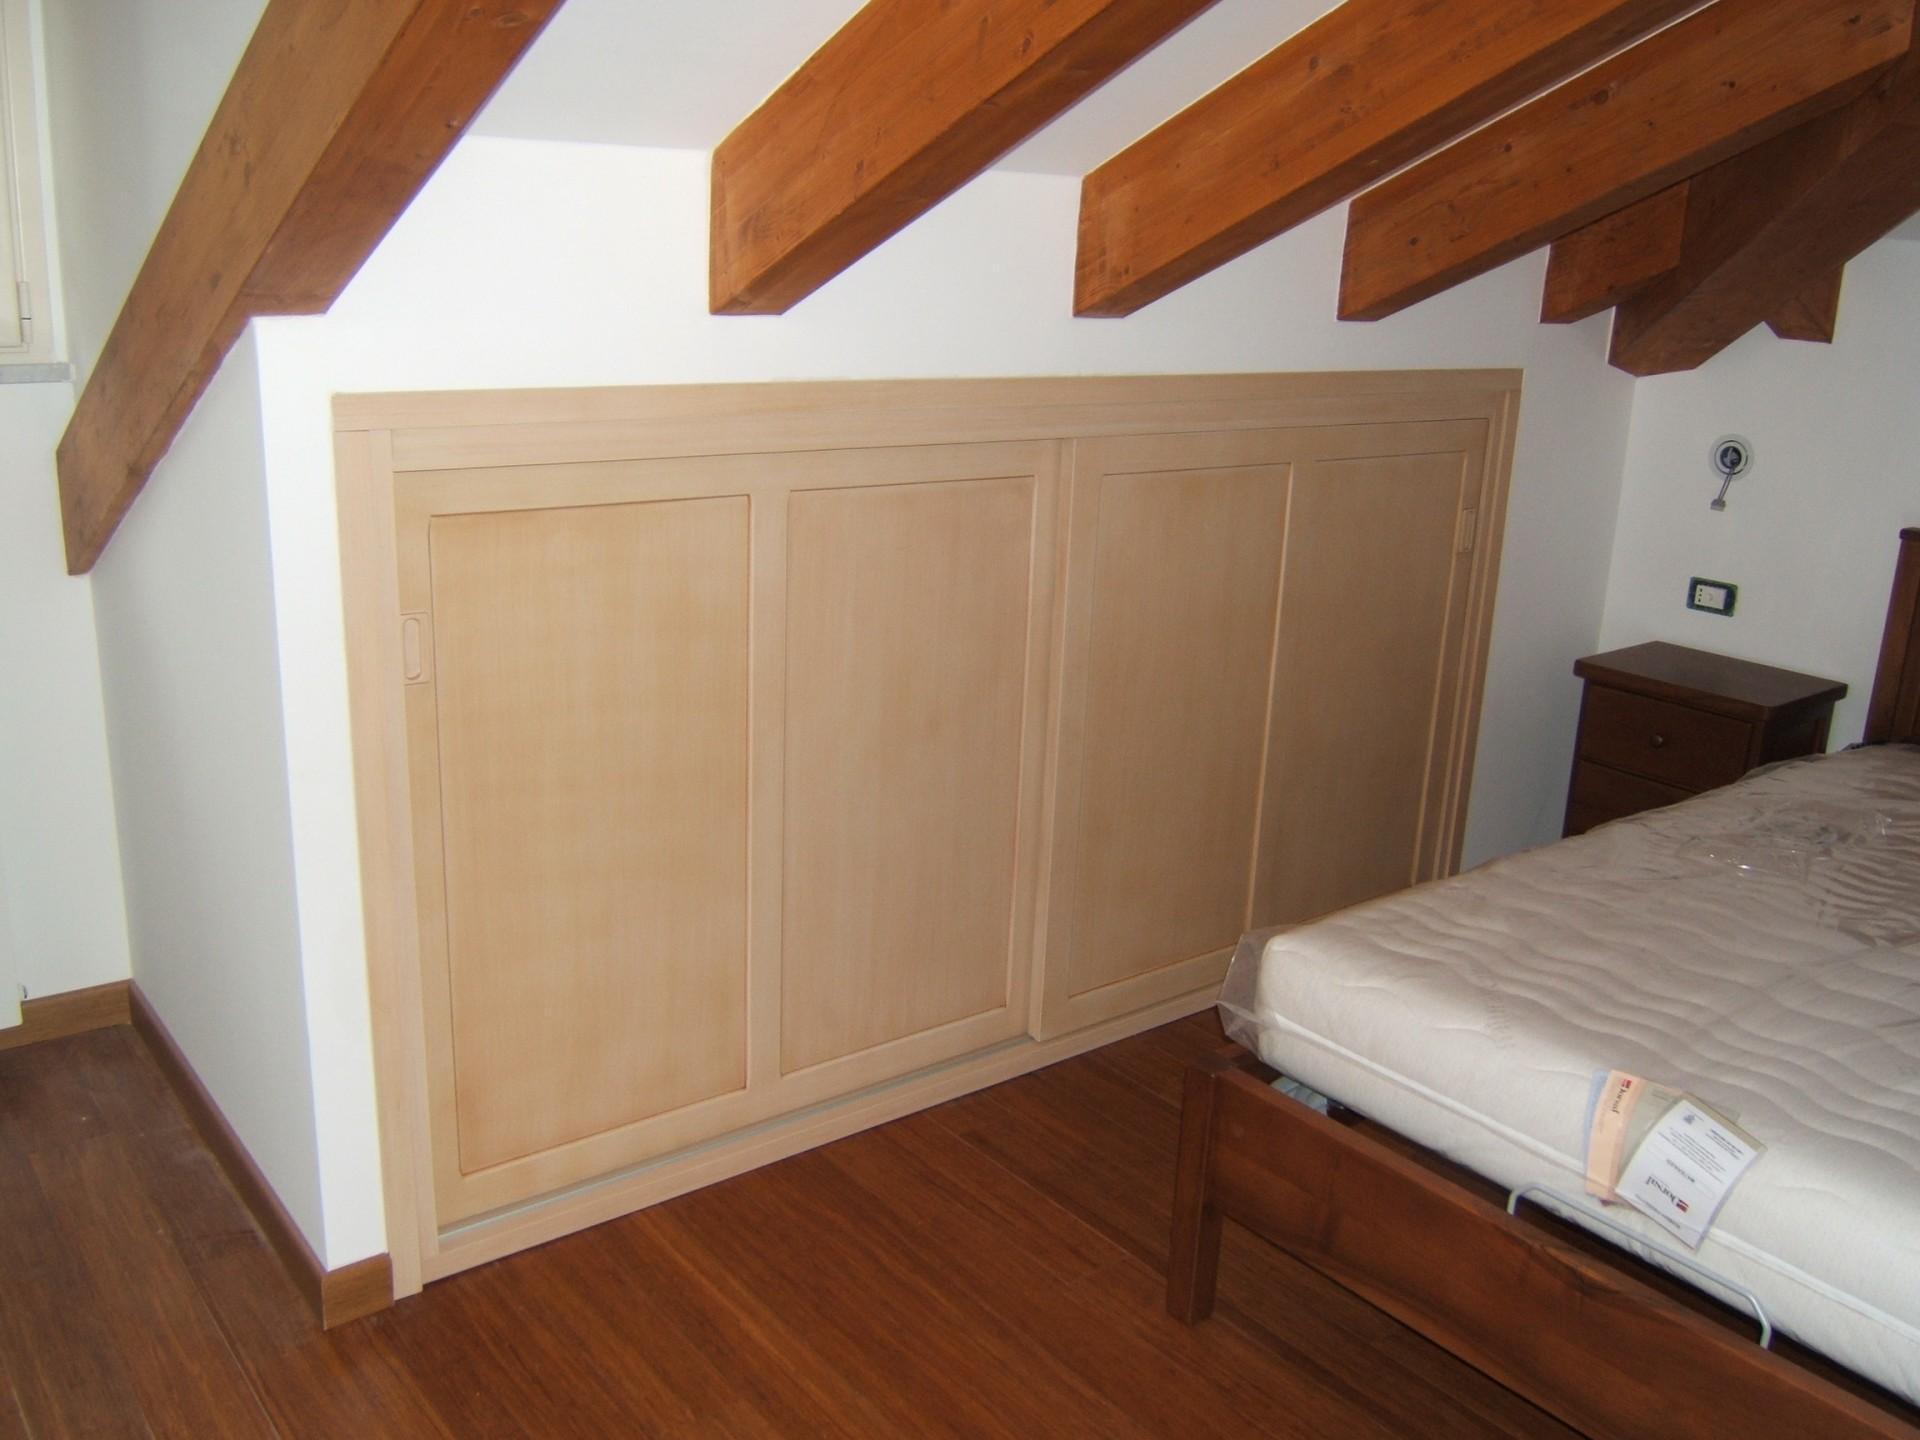 Progettazione arredamenti su misura fadini mobili cerea - Mobili a colori ...